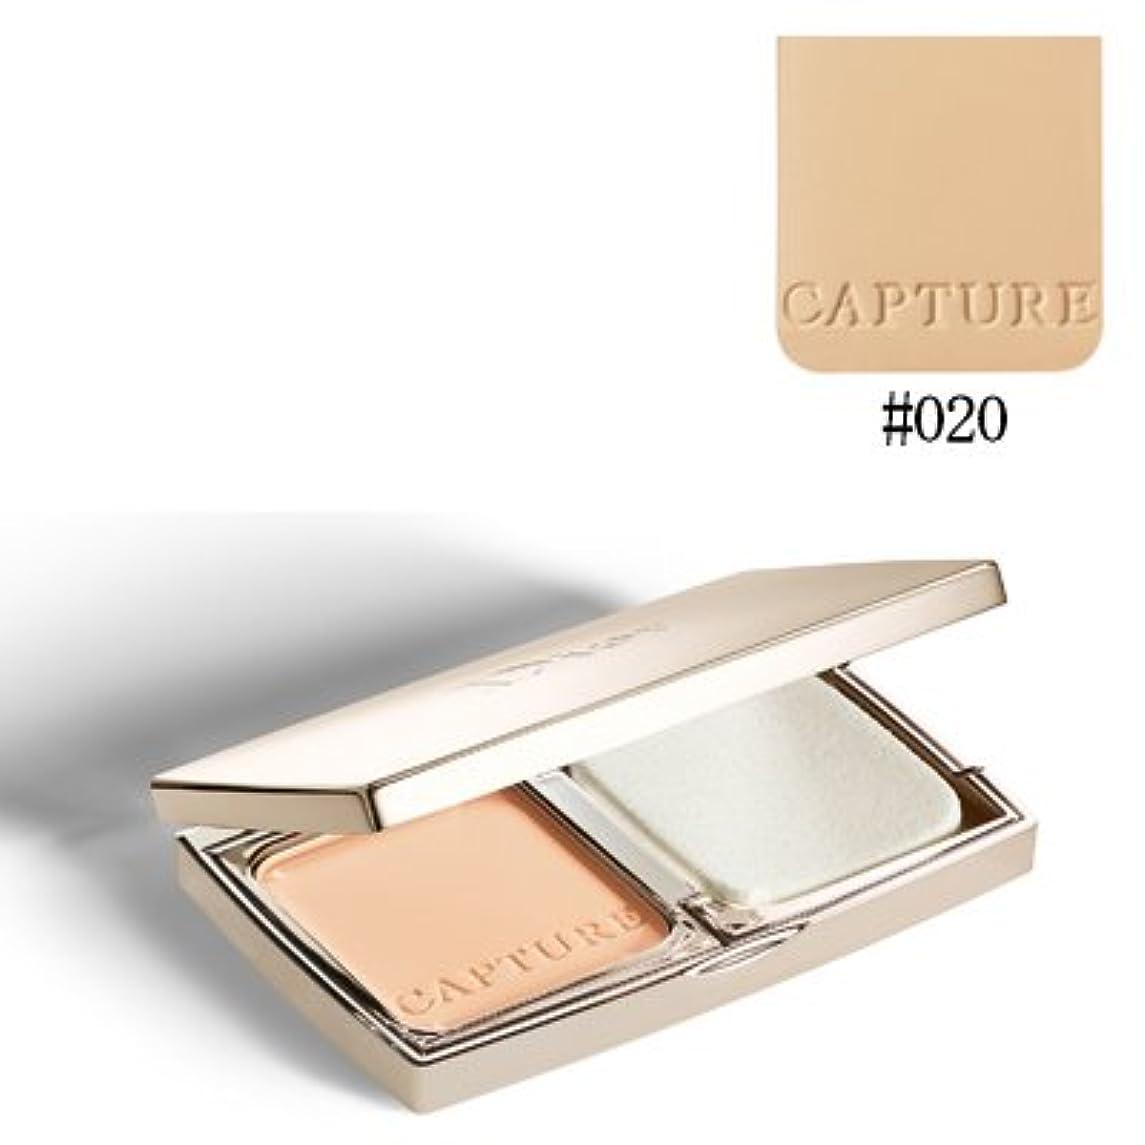 適応する無限枯渇するChristian Dior クリスチャン ディオール カプチュール トータル トリプル コレクティング パウダー コンパクト #020 LIGHT BEIGE SPF 20 / PA+++ 11g [並行輸入品]